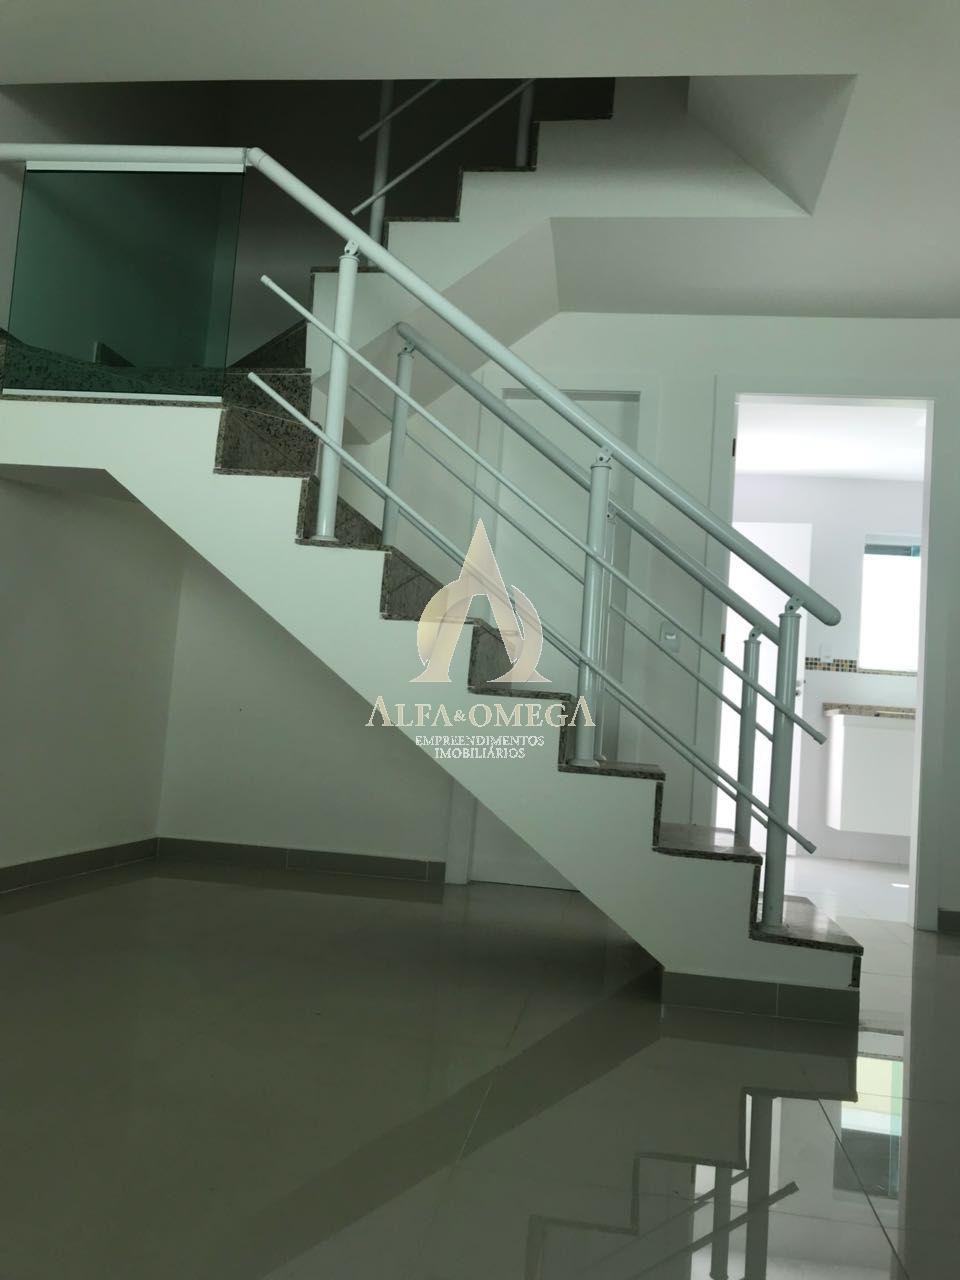 FOTO 6 - Casa Taquara, Rio de Janeiro, RJ À Venda, 3 Quartos, 120m² - AOJ60014 - 7